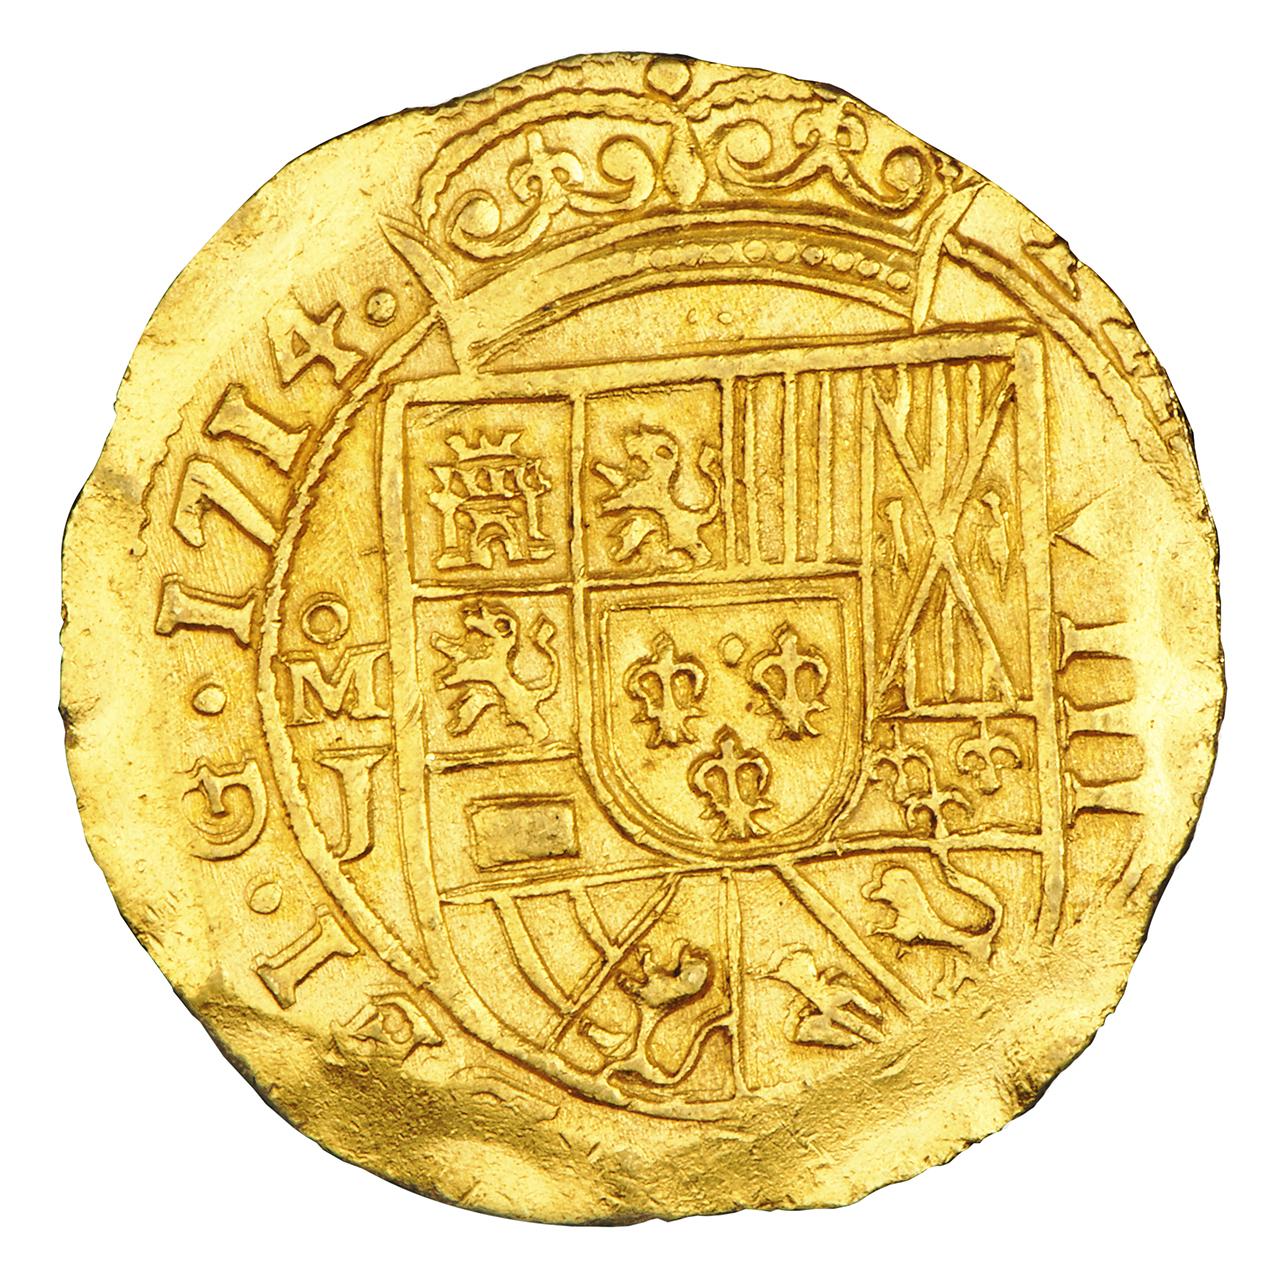 pièce d'or avec un bouclier espagnol en relief